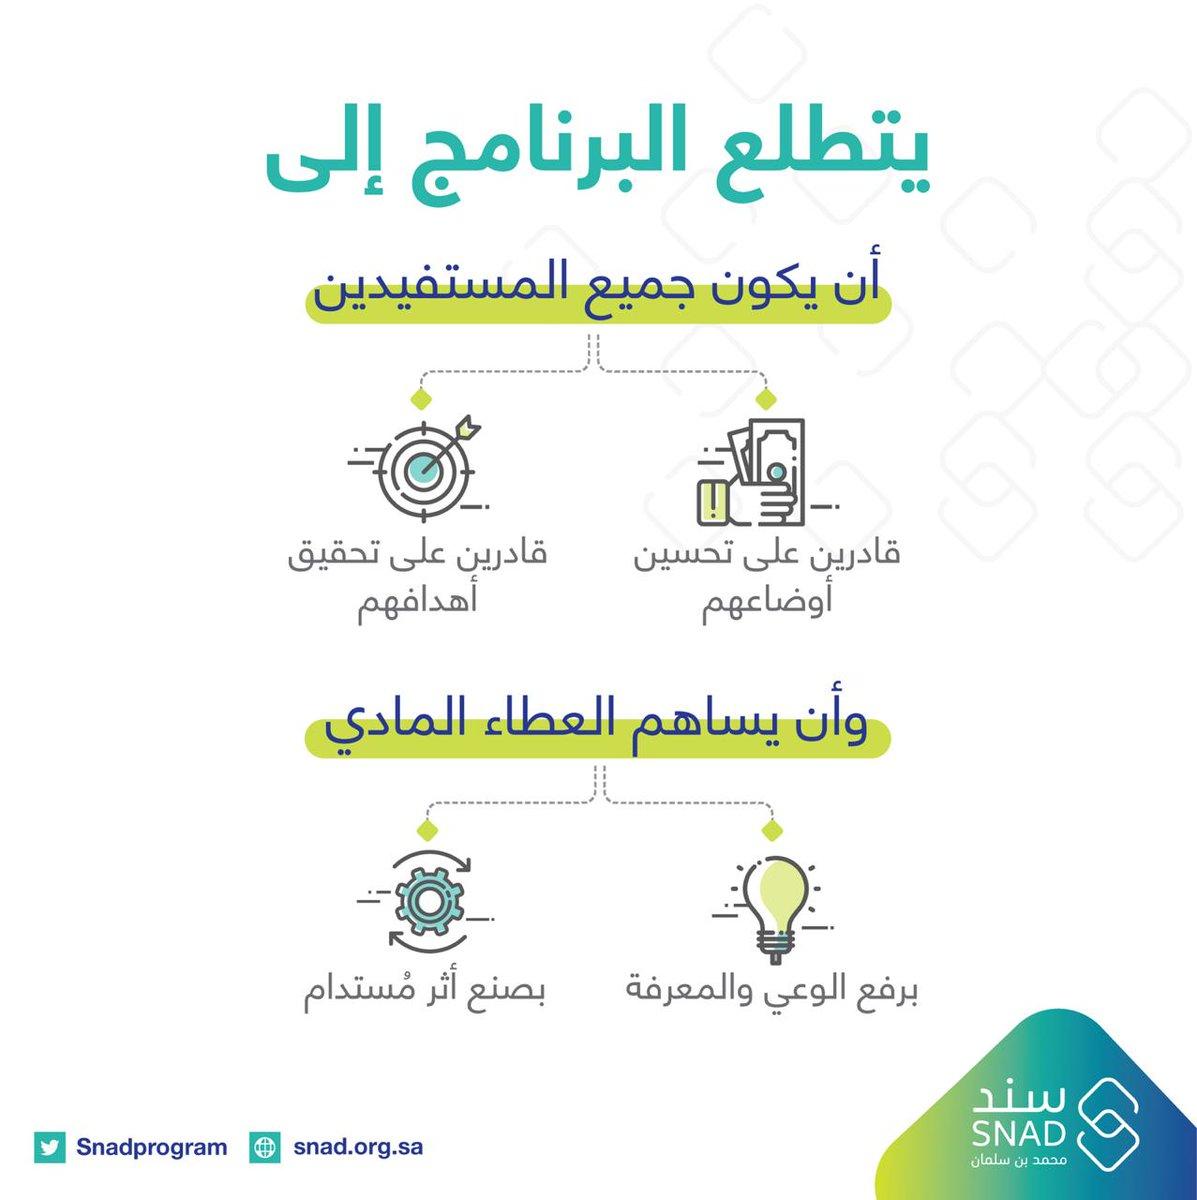 ما علاقة دورة الوعي المالي بالحصول على دعم سند محمد بن سلمان للزواج ؟